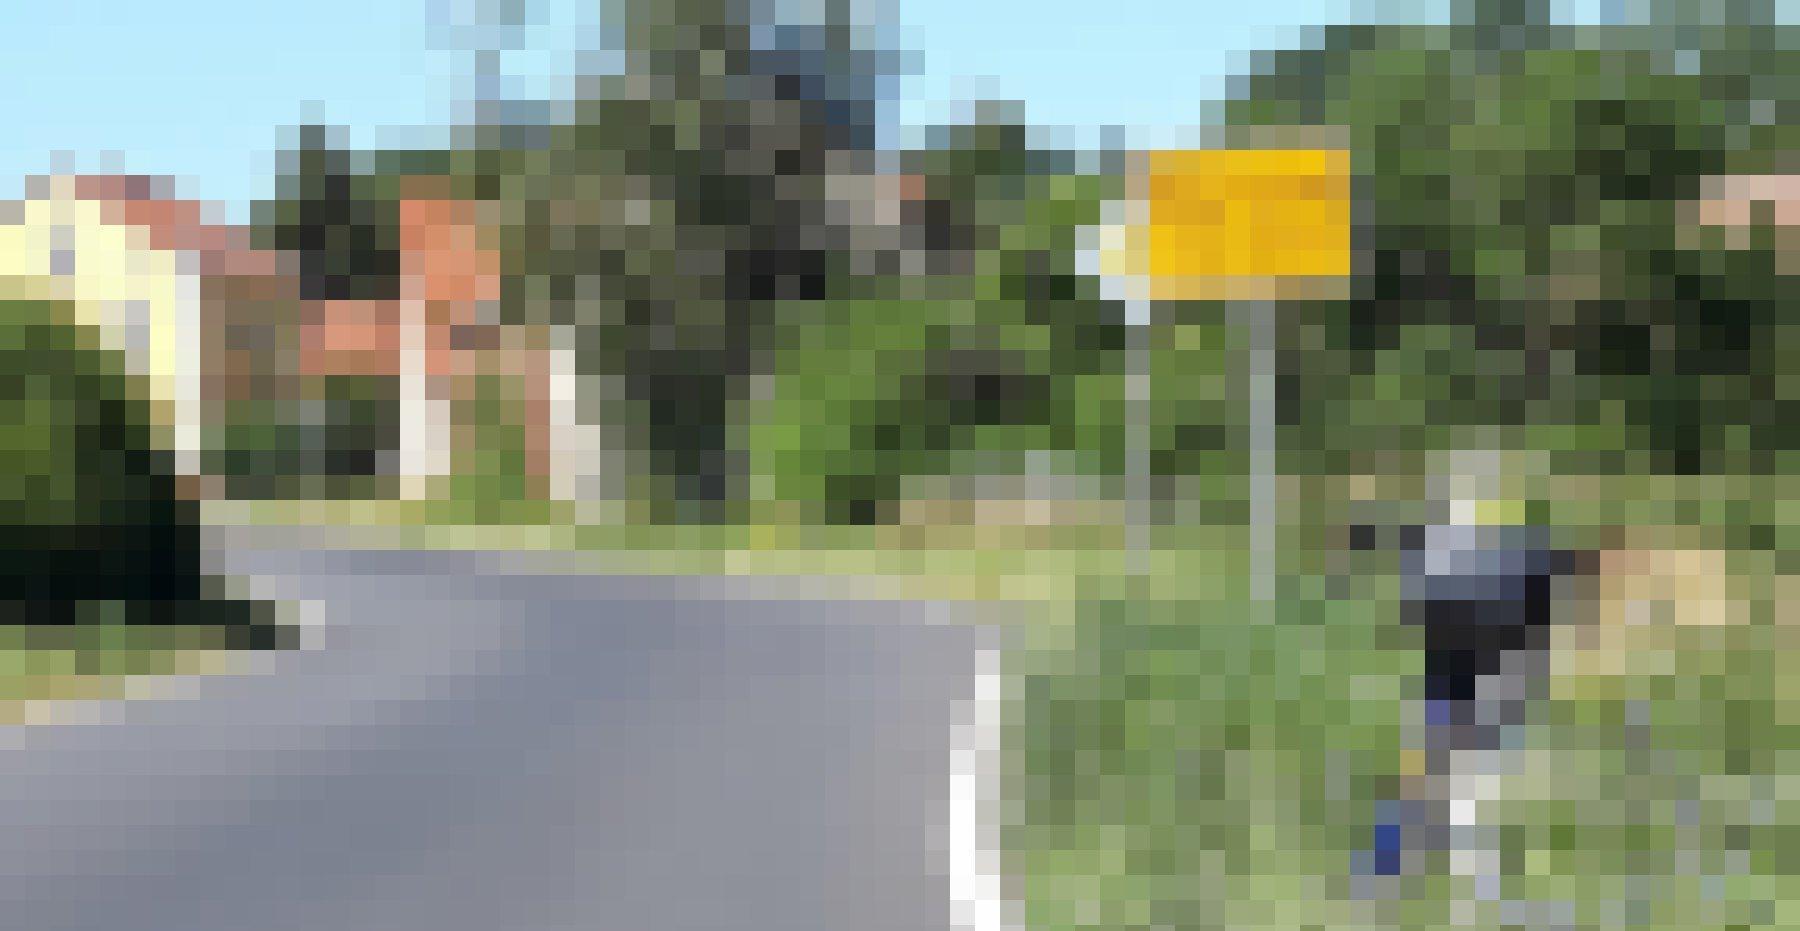 """Schild """"Warsow"""" vor Ortseinfahrt mit Häusern und Bäumen."""